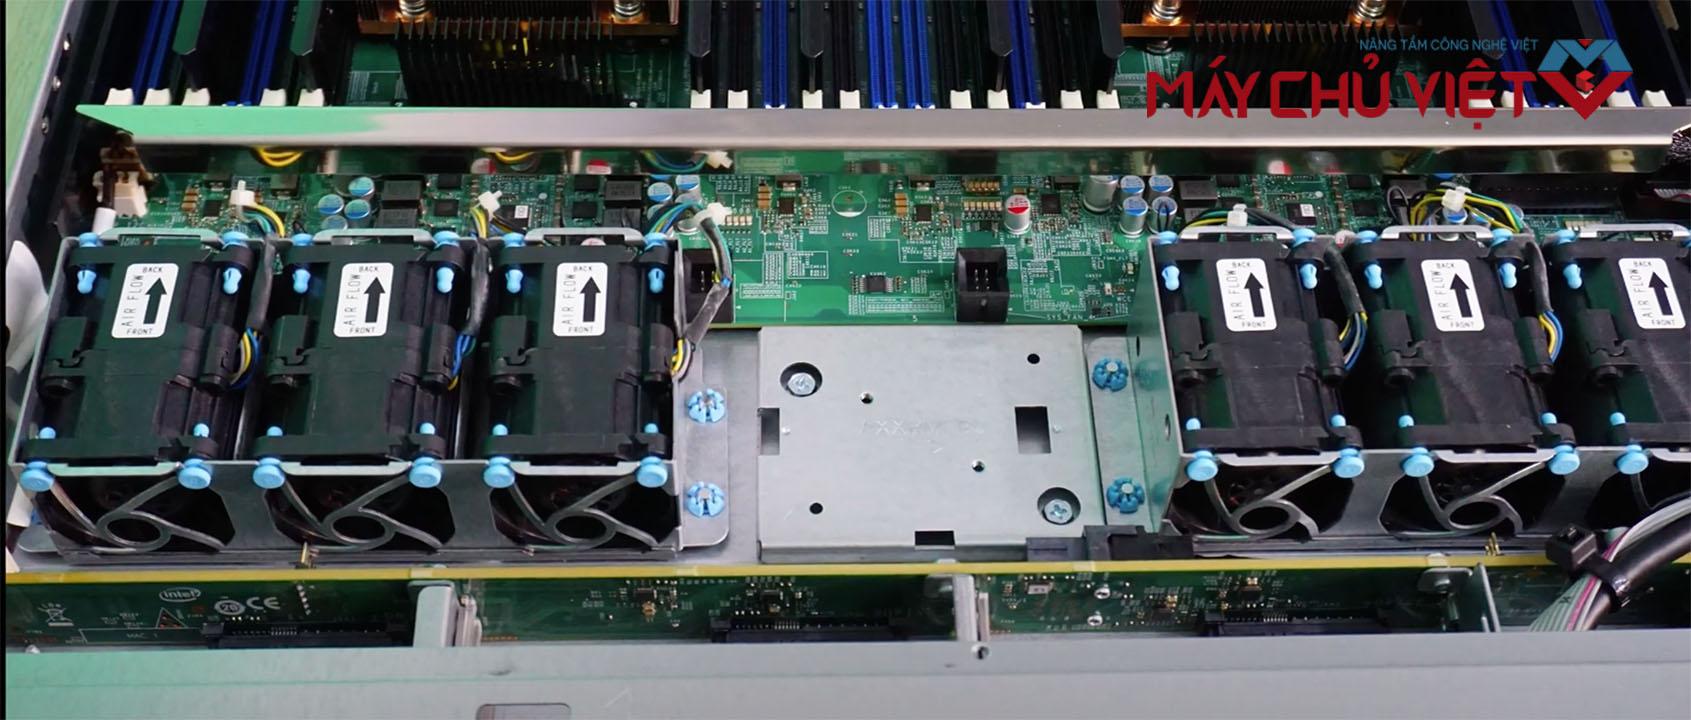 Quạt tản nhiệt của máy chủ Intel R1304